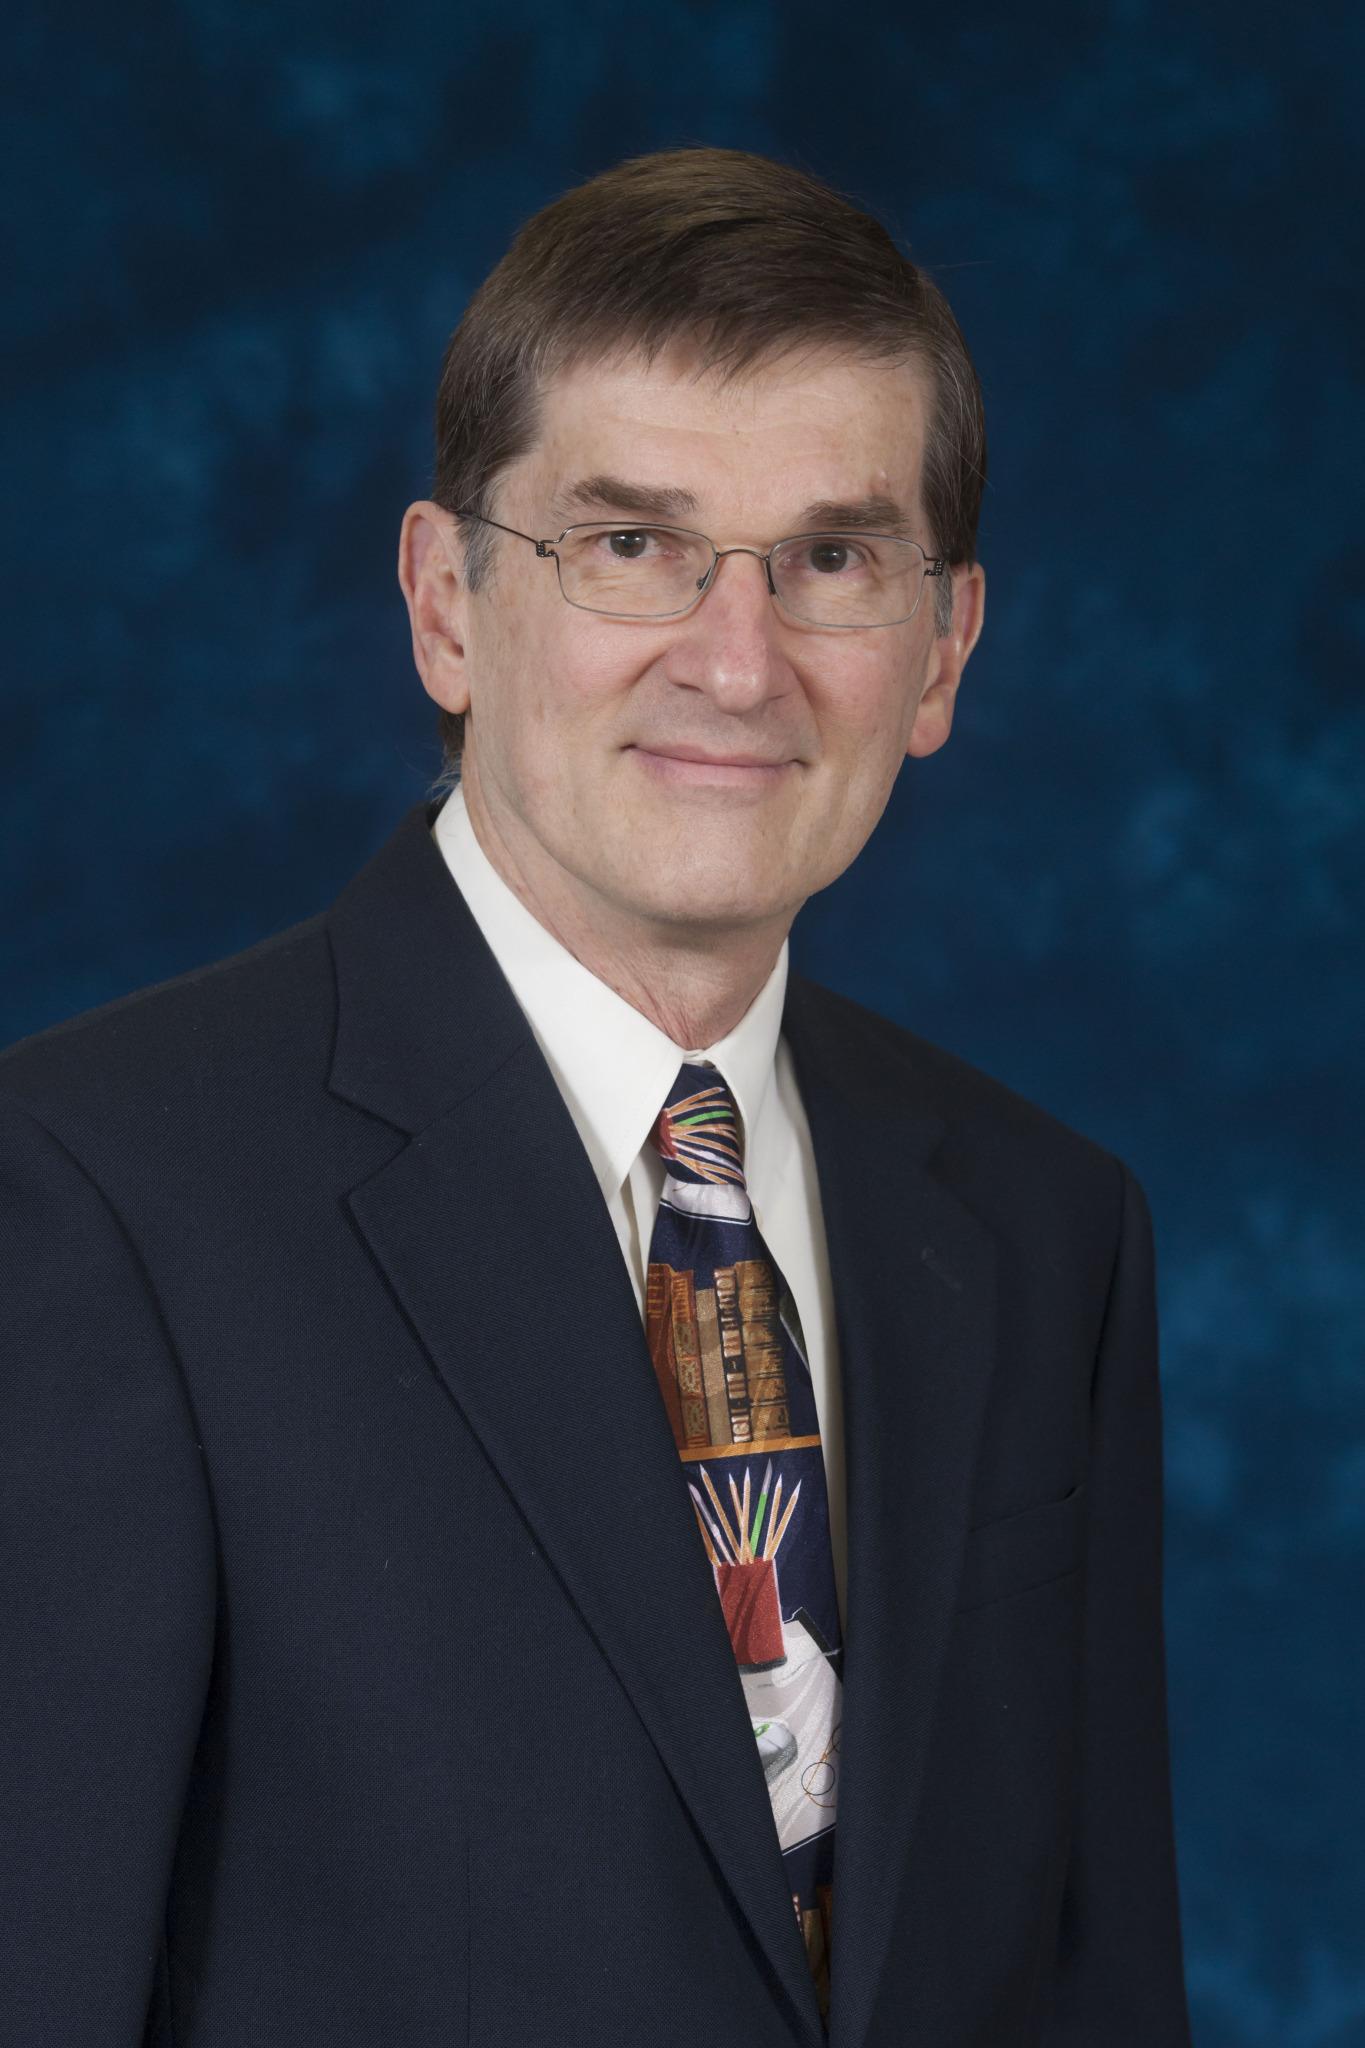 Portrait of author, Dr. David Goss